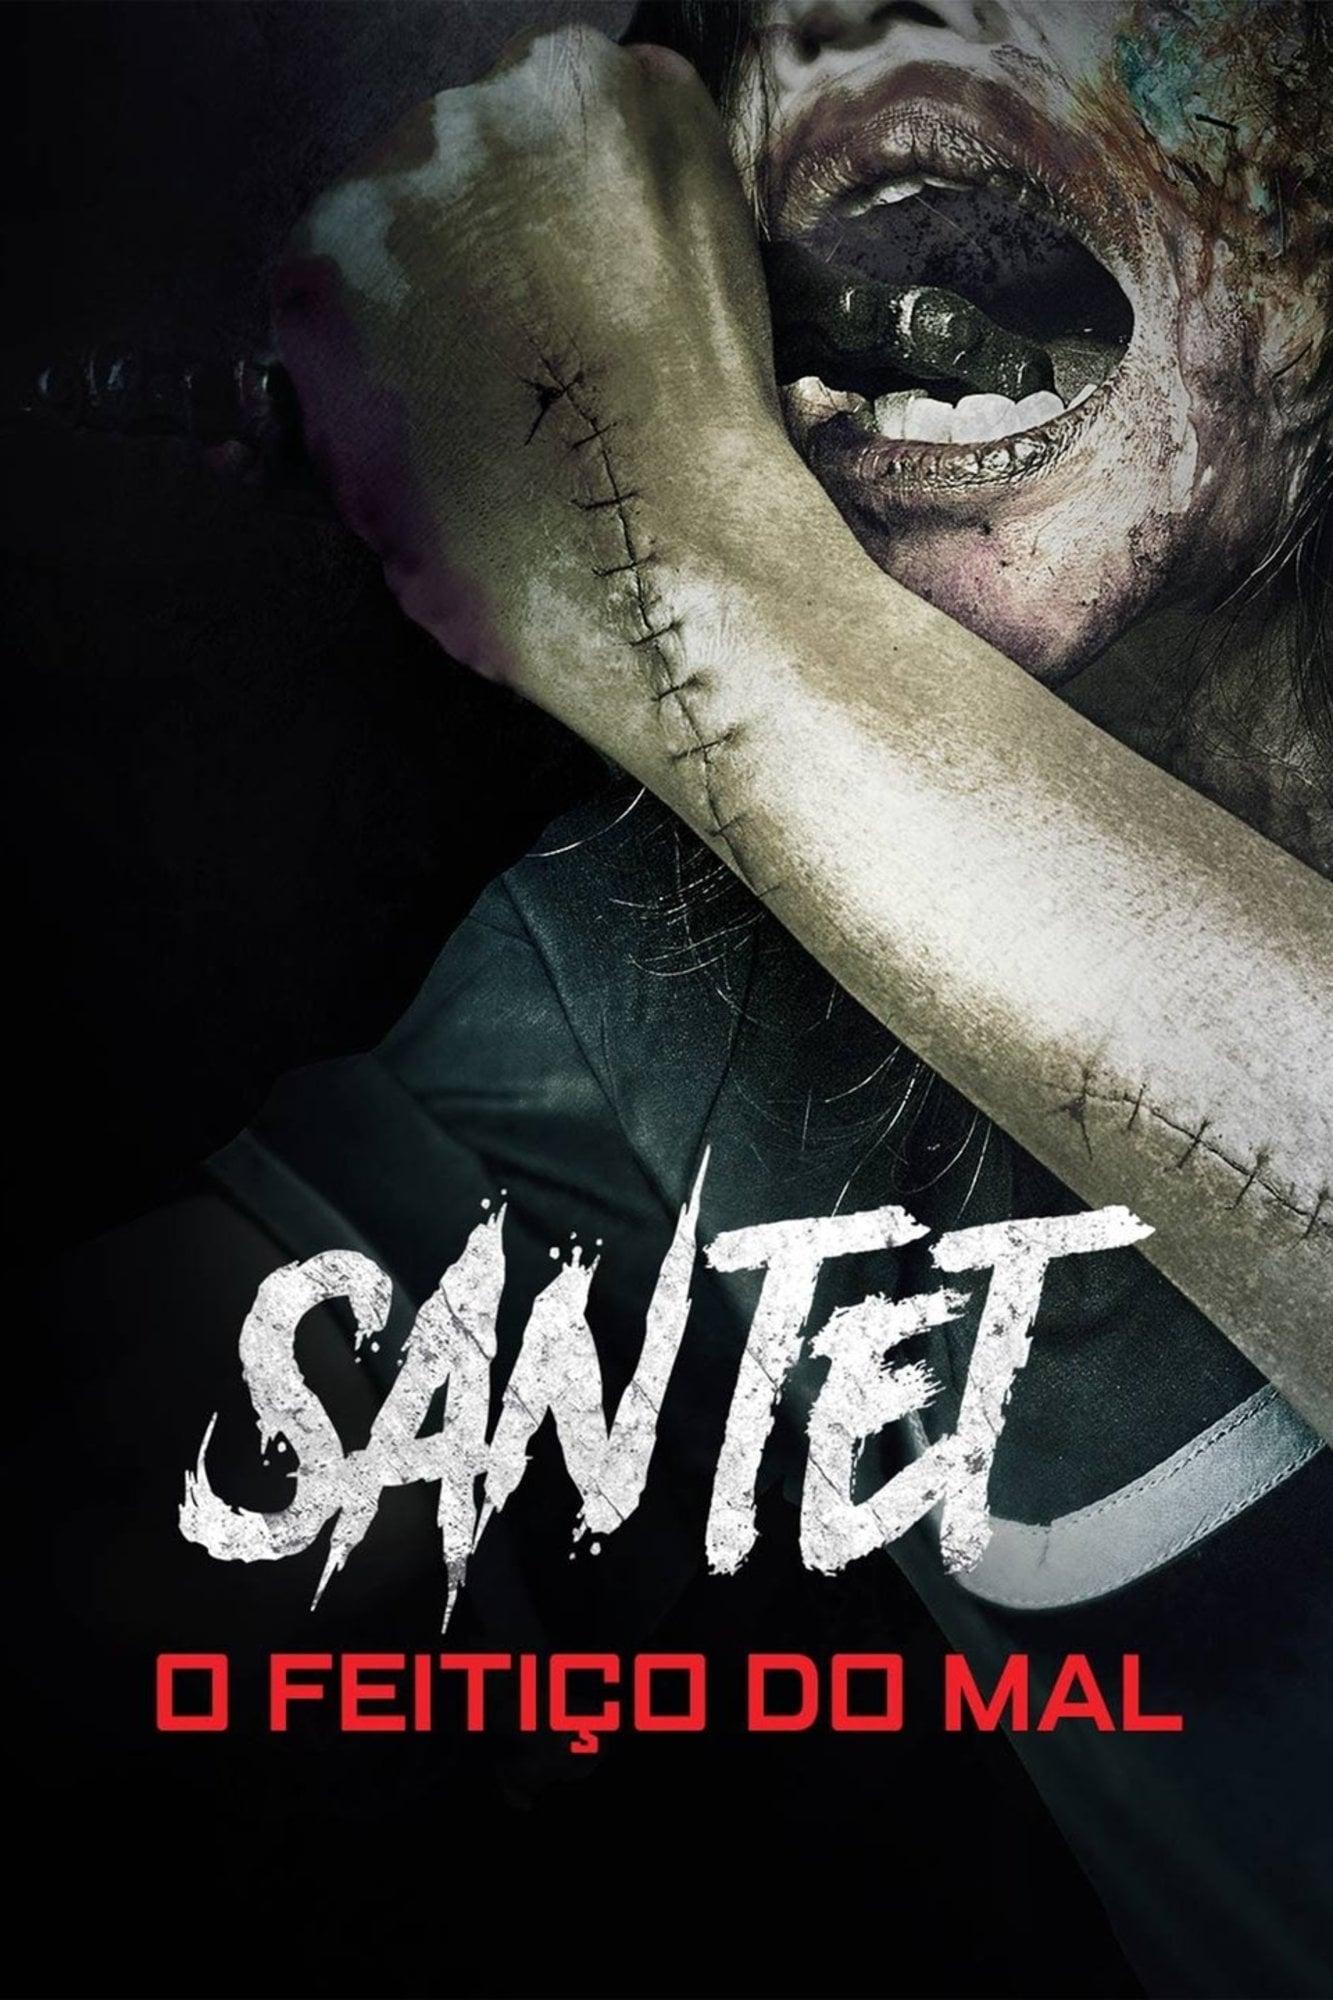 santet: o feitiço do mal